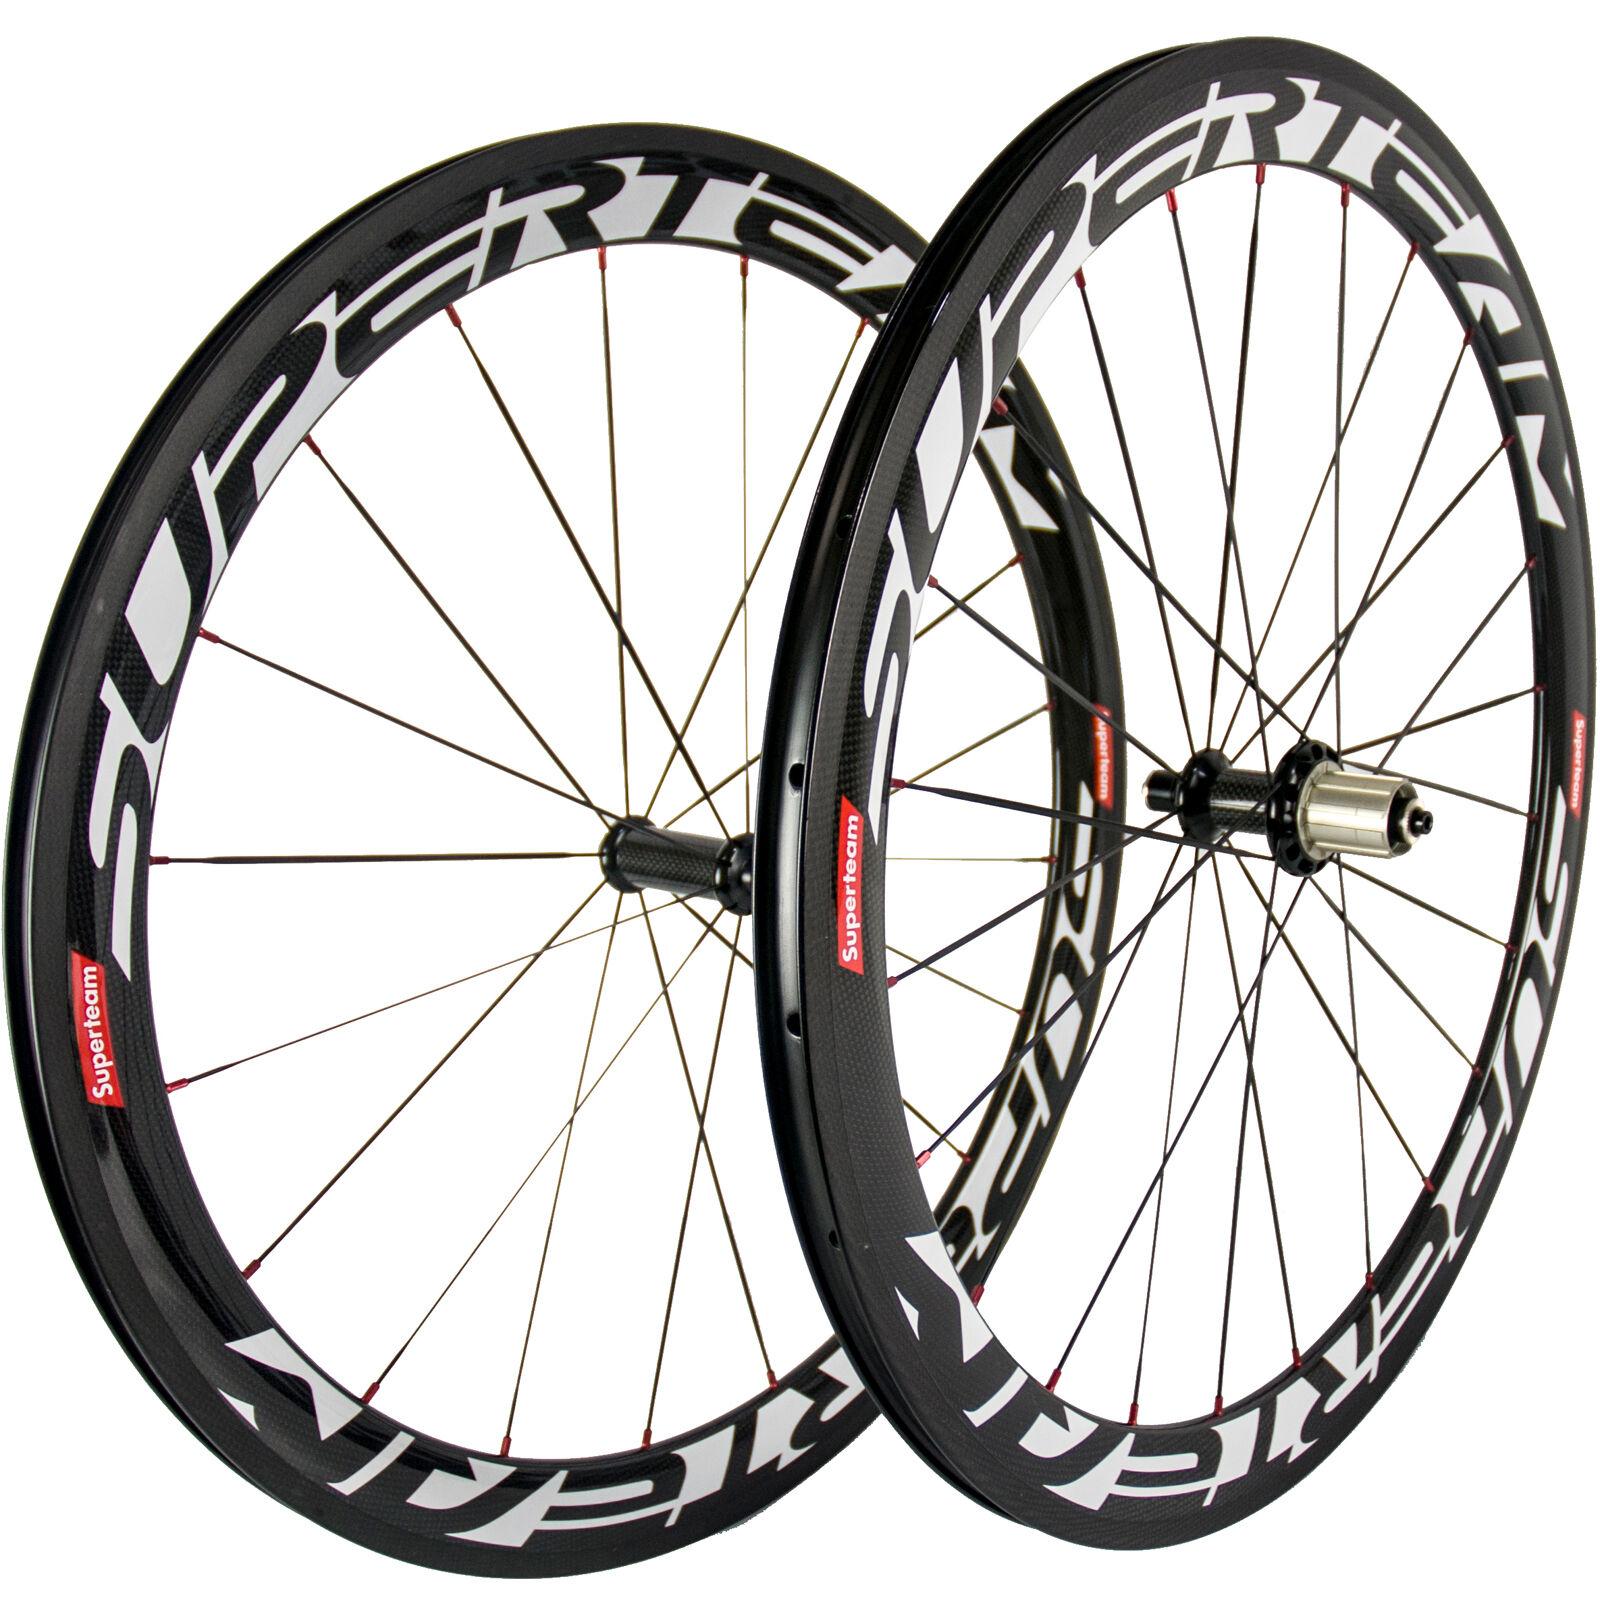 700C Bicycle Wheelset Superteam 50mm Carbon Road Bike Wheels R36 Hub Red Nipples